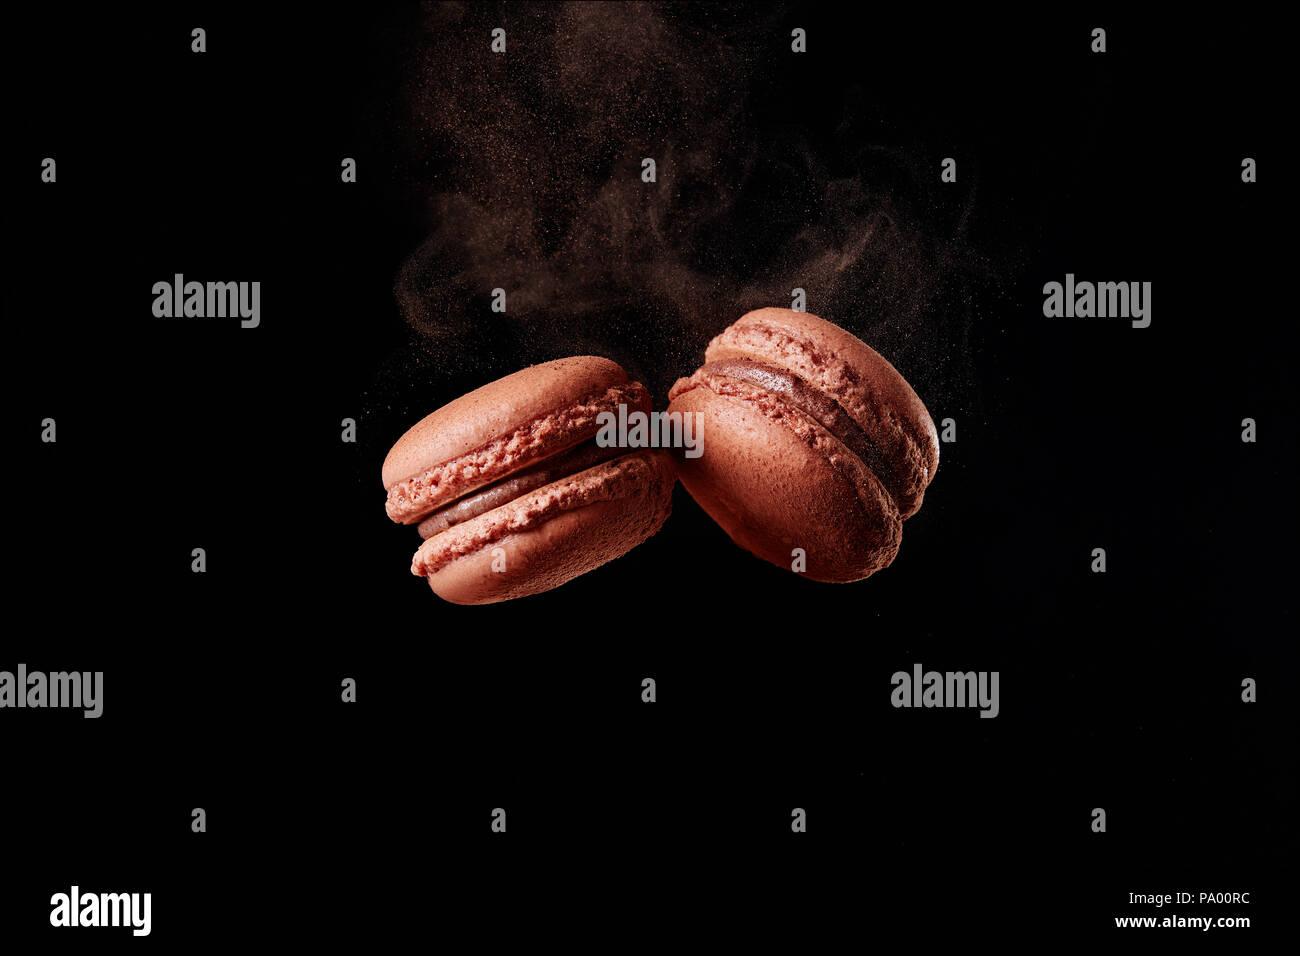 Französische Schokolade Macaron mit Kakaopulver auf schwarzem Hintergrund Stockbild